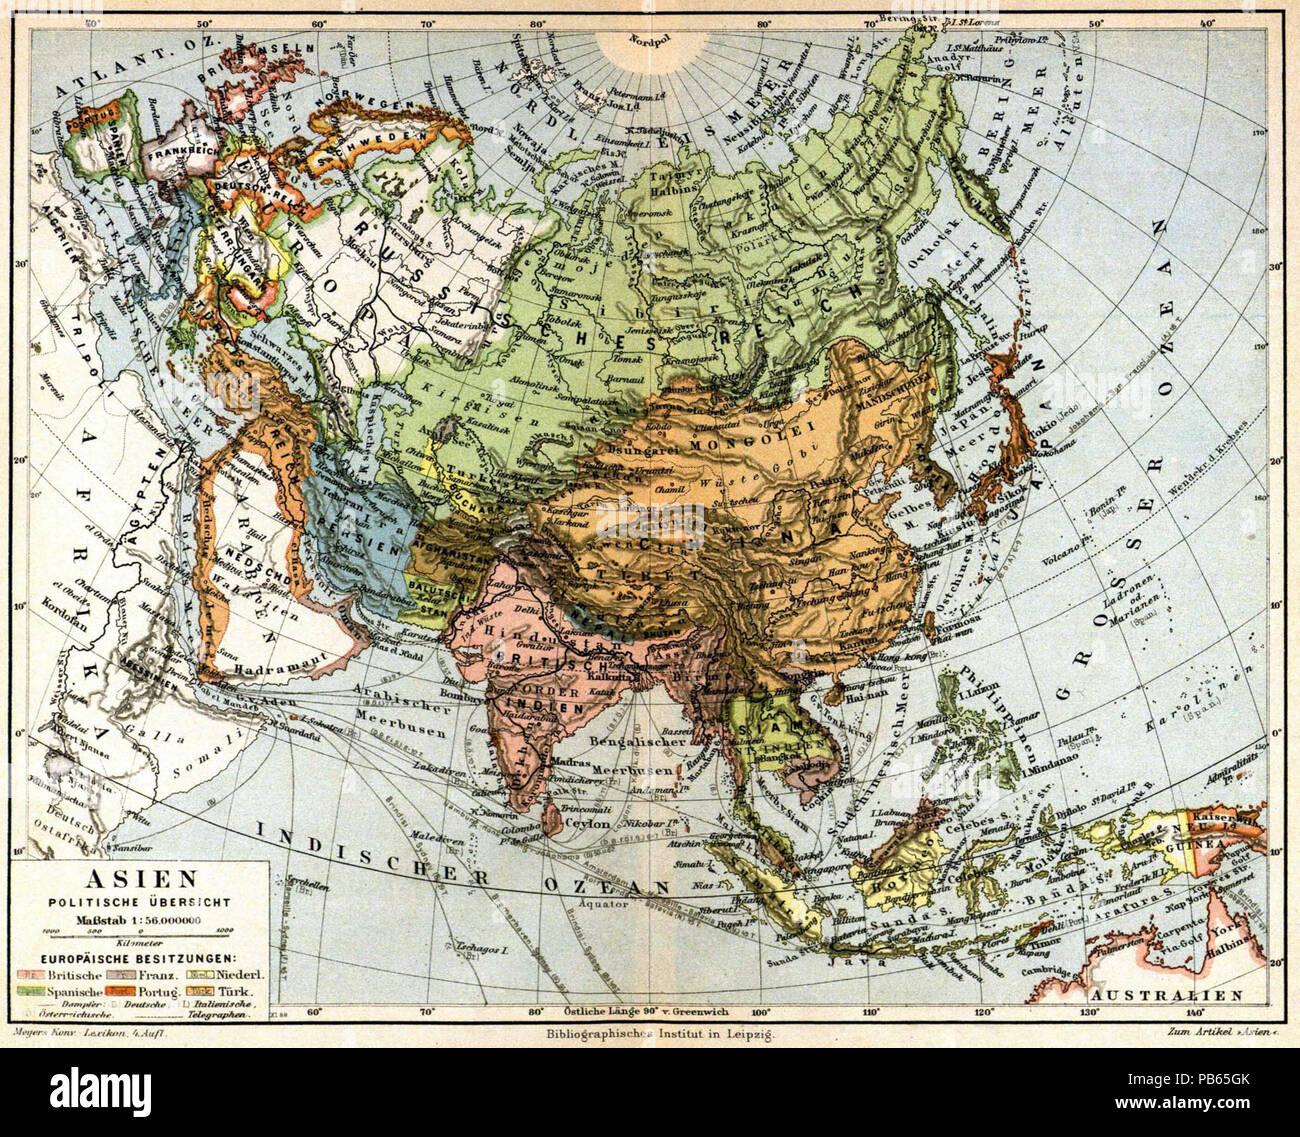 Politische Karte Asien.Deutsch Karte Asien Politische übersicht 1 56 000 000